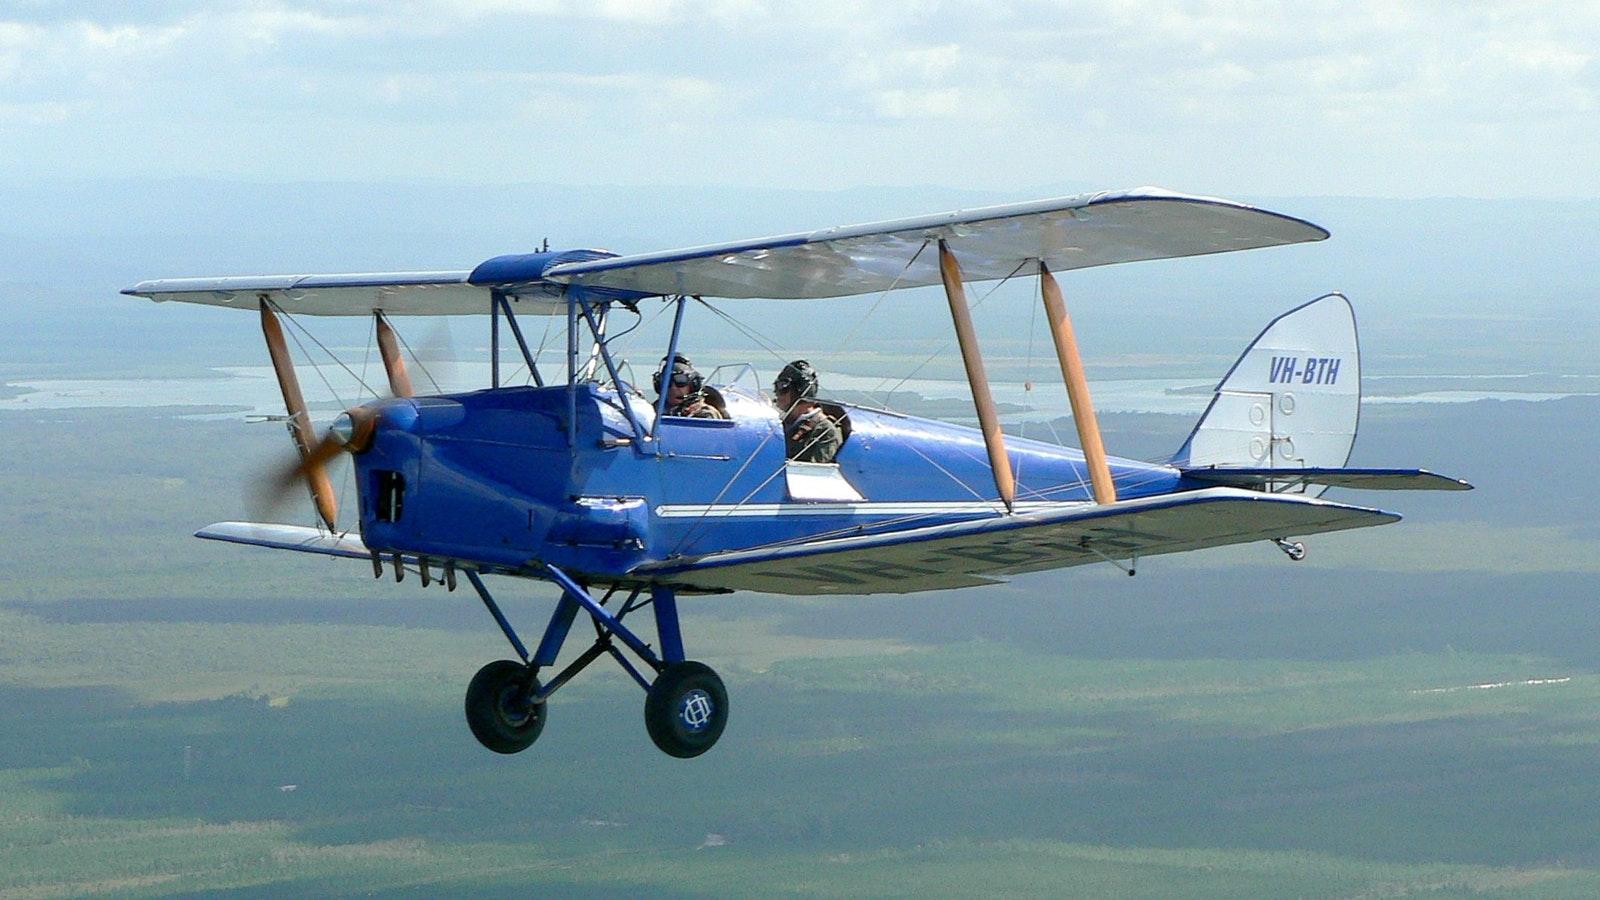 Original__9694365_DU37_DH_82A_VHBTH_Air_to_air_511.JPG